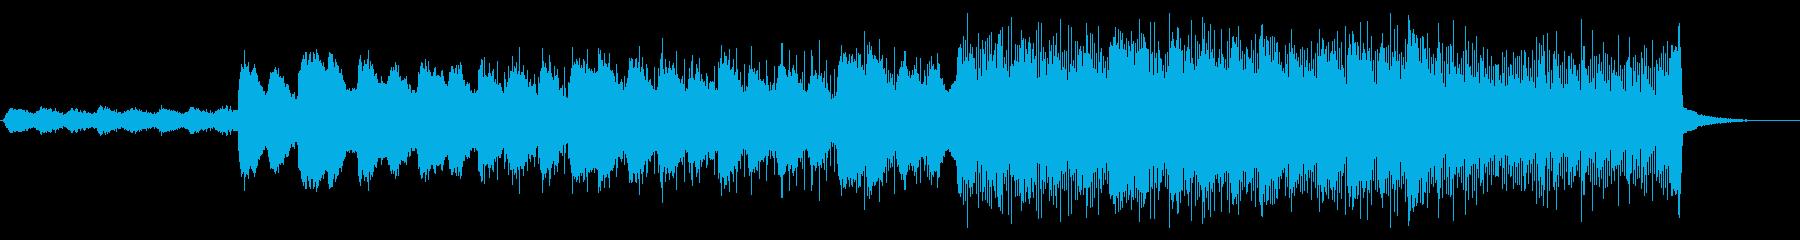 ゆったりとしたエレクトロニカBGMの再生済みの波形